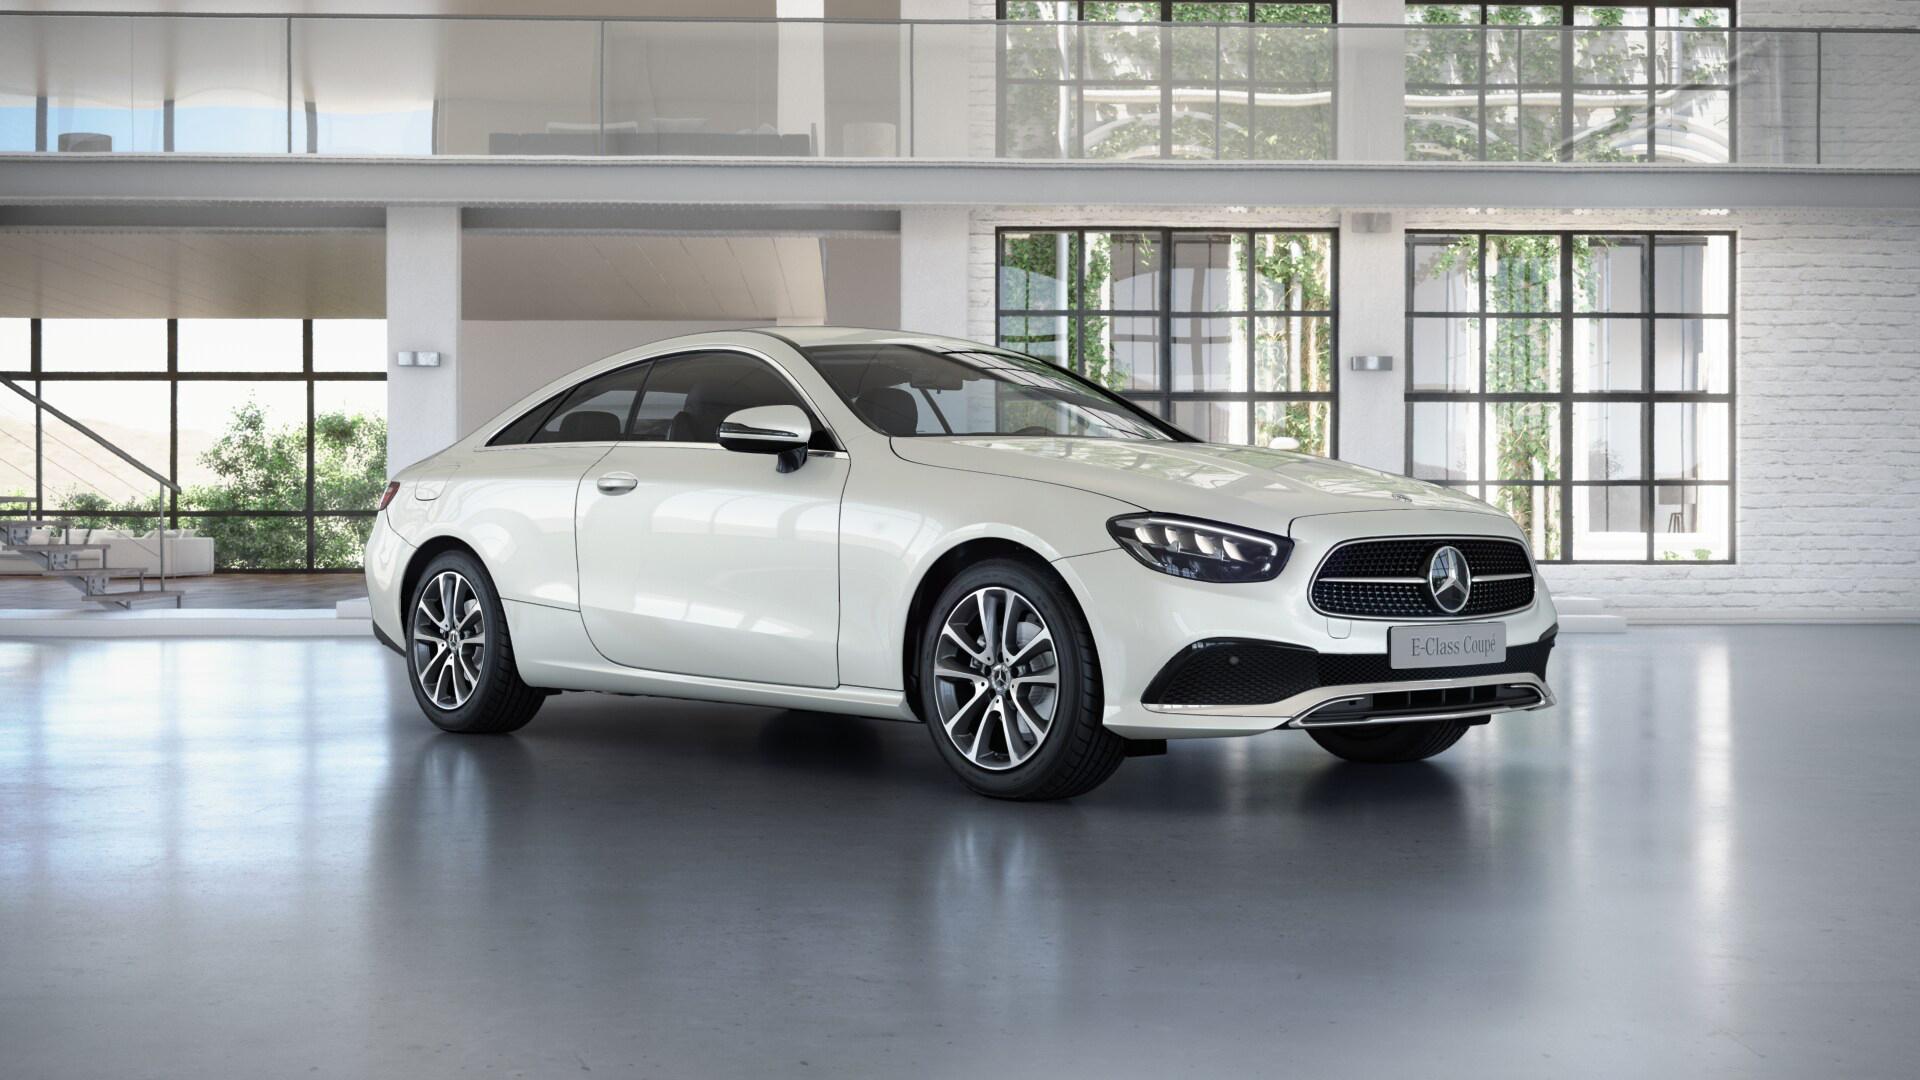 Mercedes-Benz Classe E Finition Avantgarde, Vue de trois quarts de profil de l'avant en mouvement